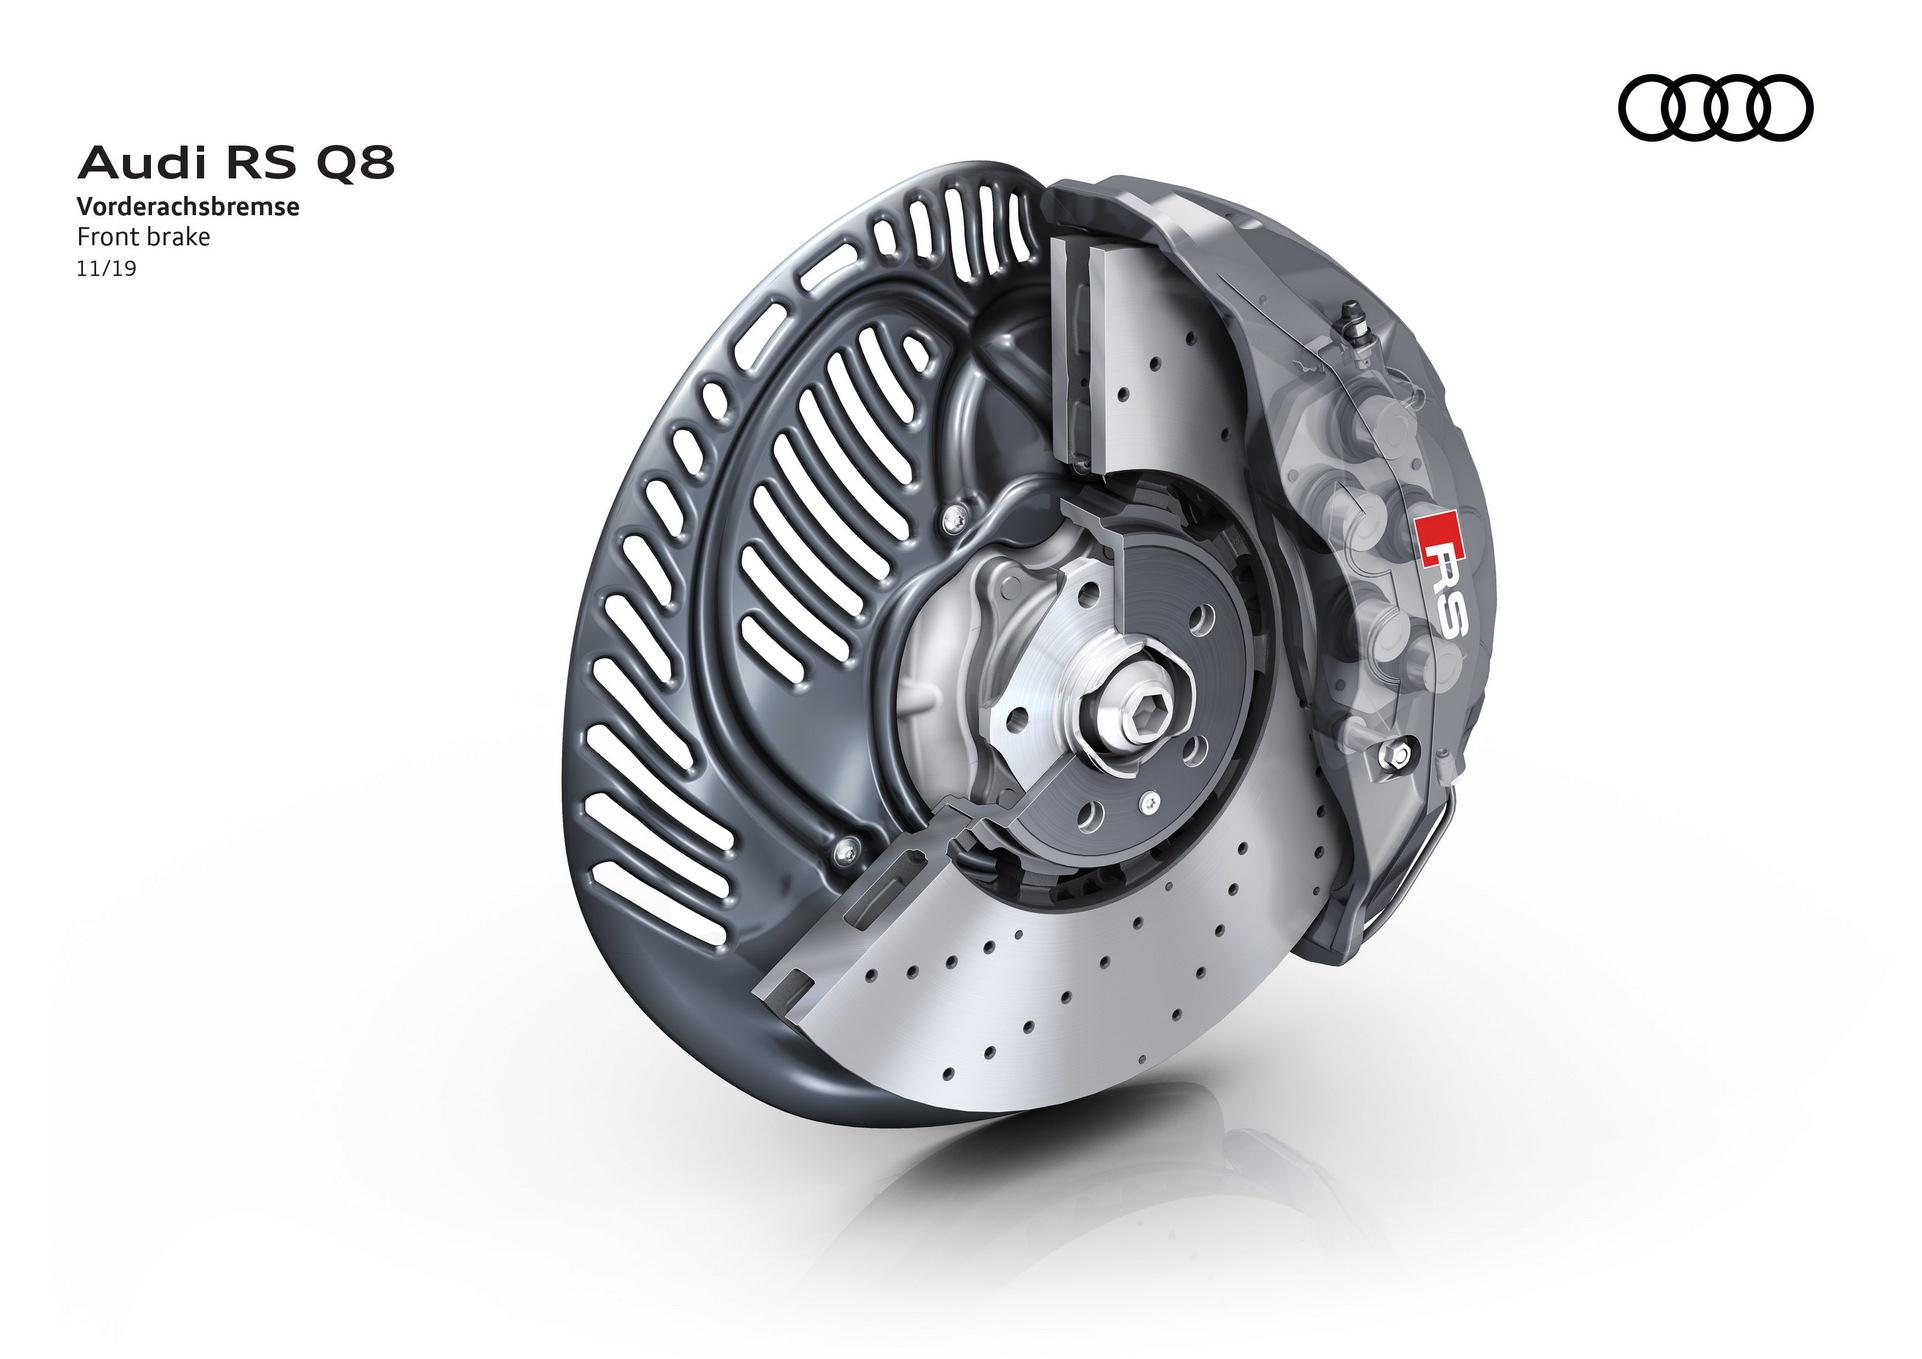 Audi-RS-Q8-68